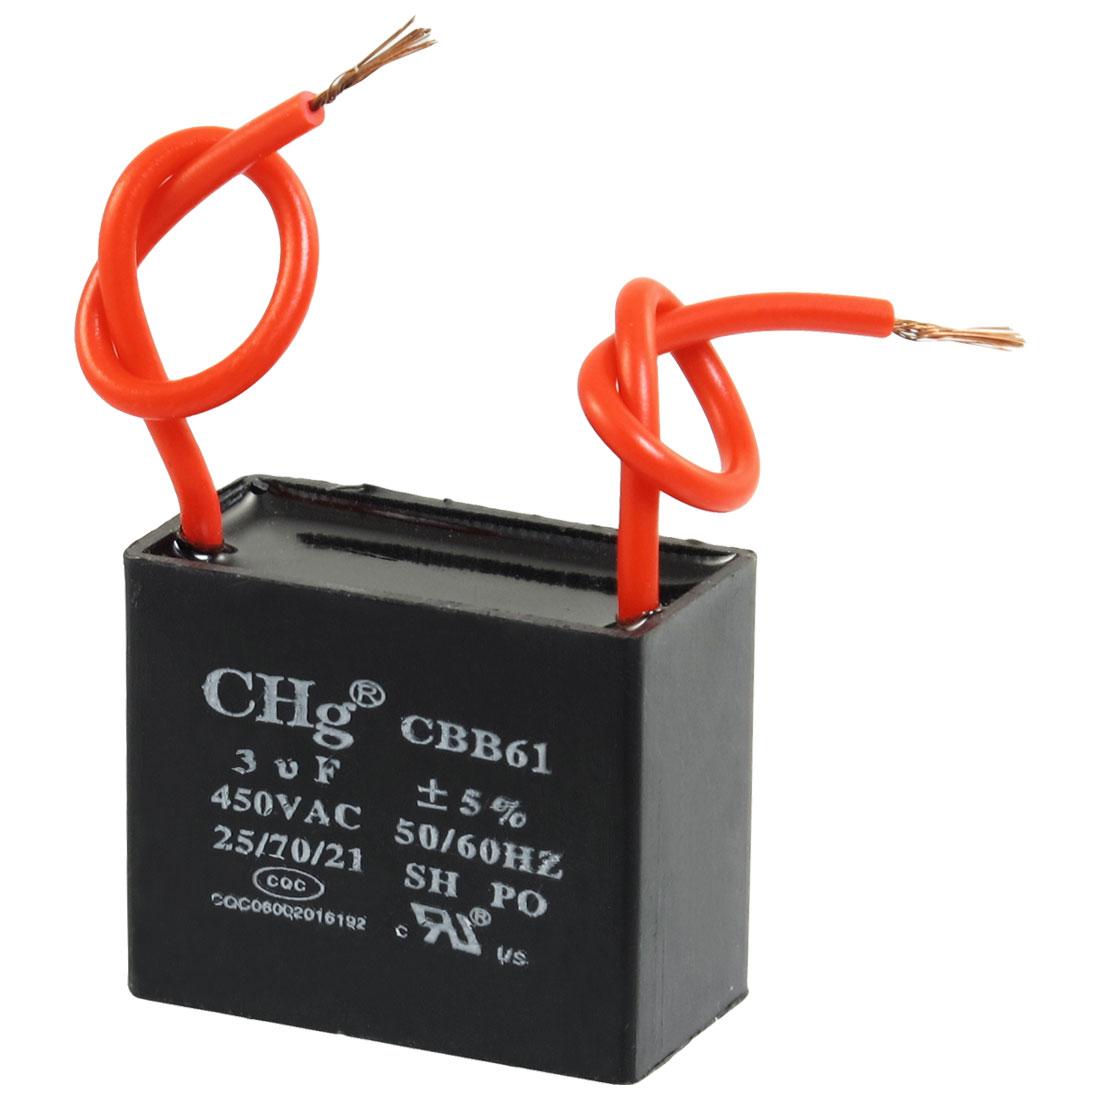 Polypropylene Film AC Motor Run Capacitor 3uF 5% 450V CBB61